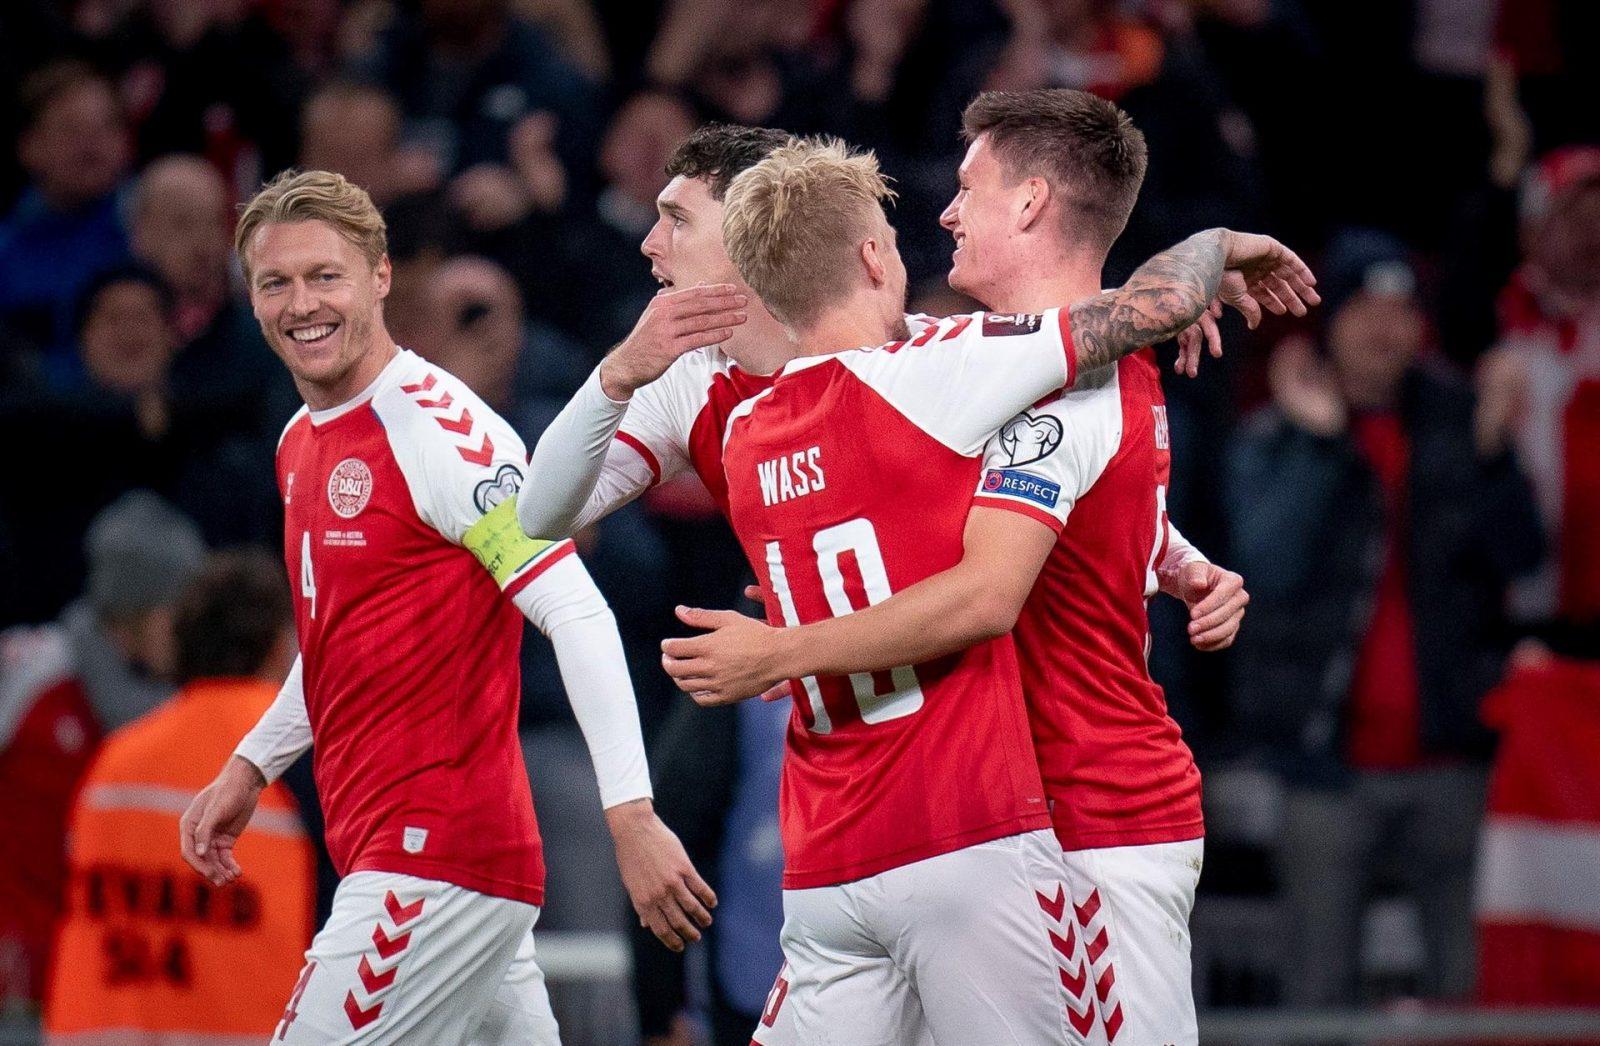 Eliminatorias Europeas: Alemania y Dinamarca ya están clasificados al Mundial de Qatar 2022